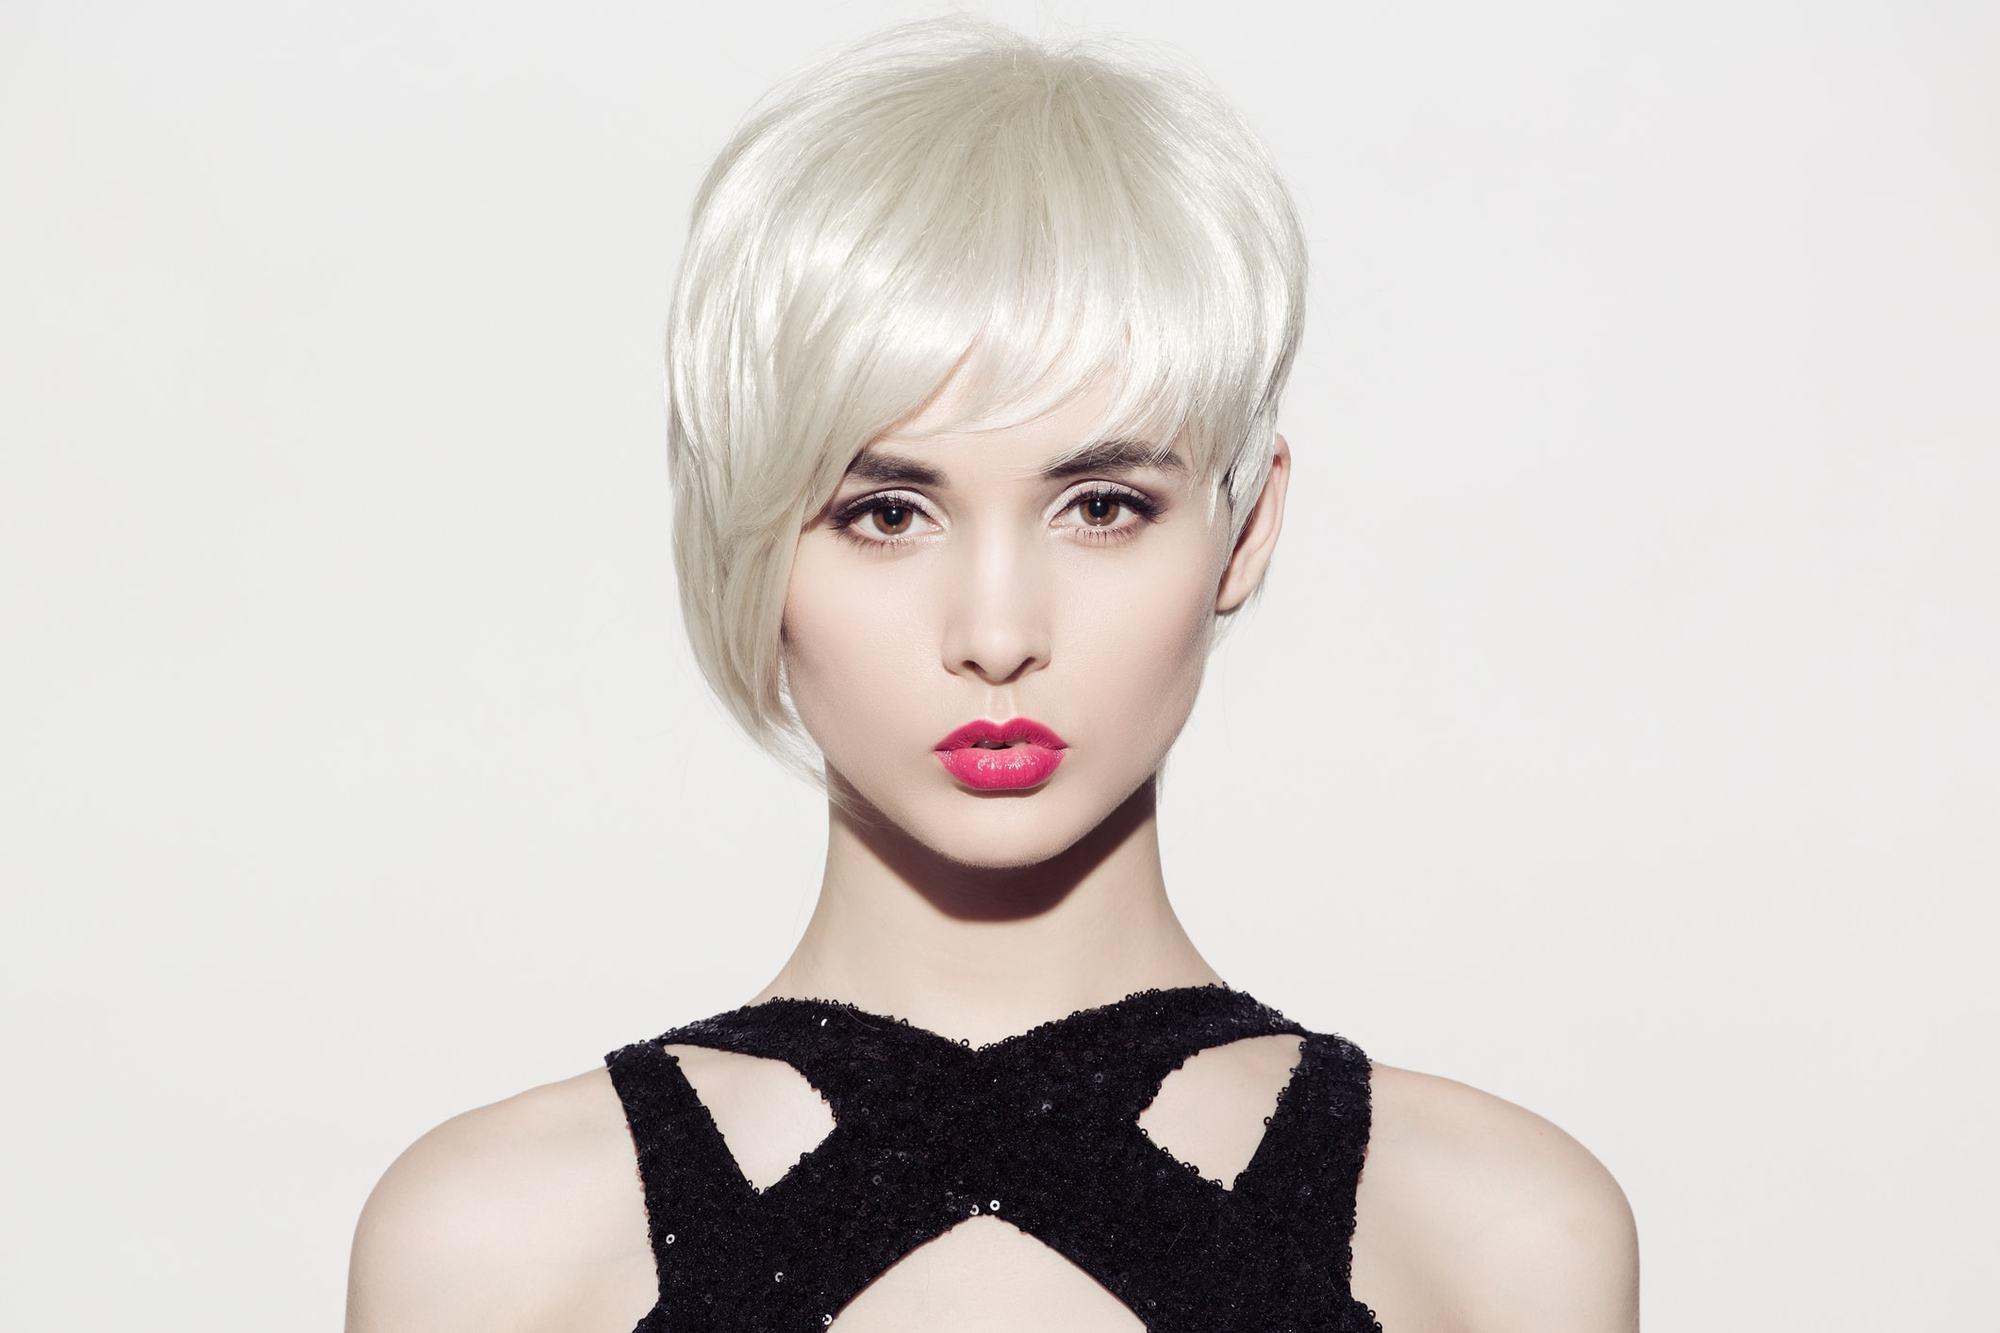 long pixie haircut bleach blonde bangs